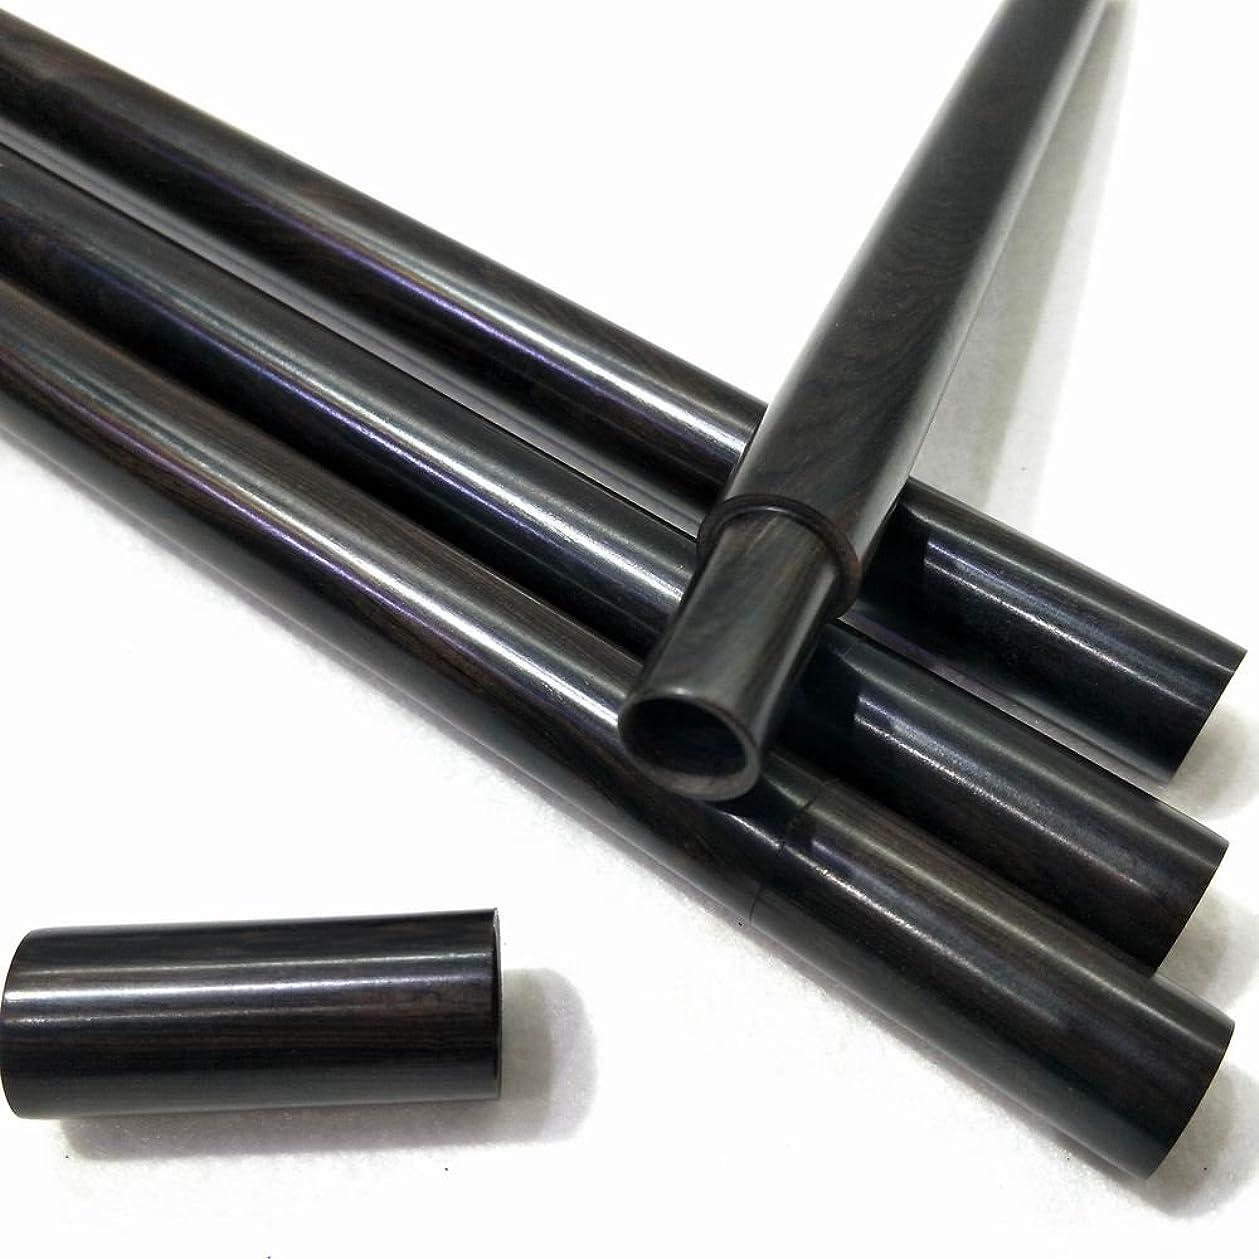 フィルタ時々時々ステップ黑檀モッコウ筒棒香瀋香収納管 10g線香管